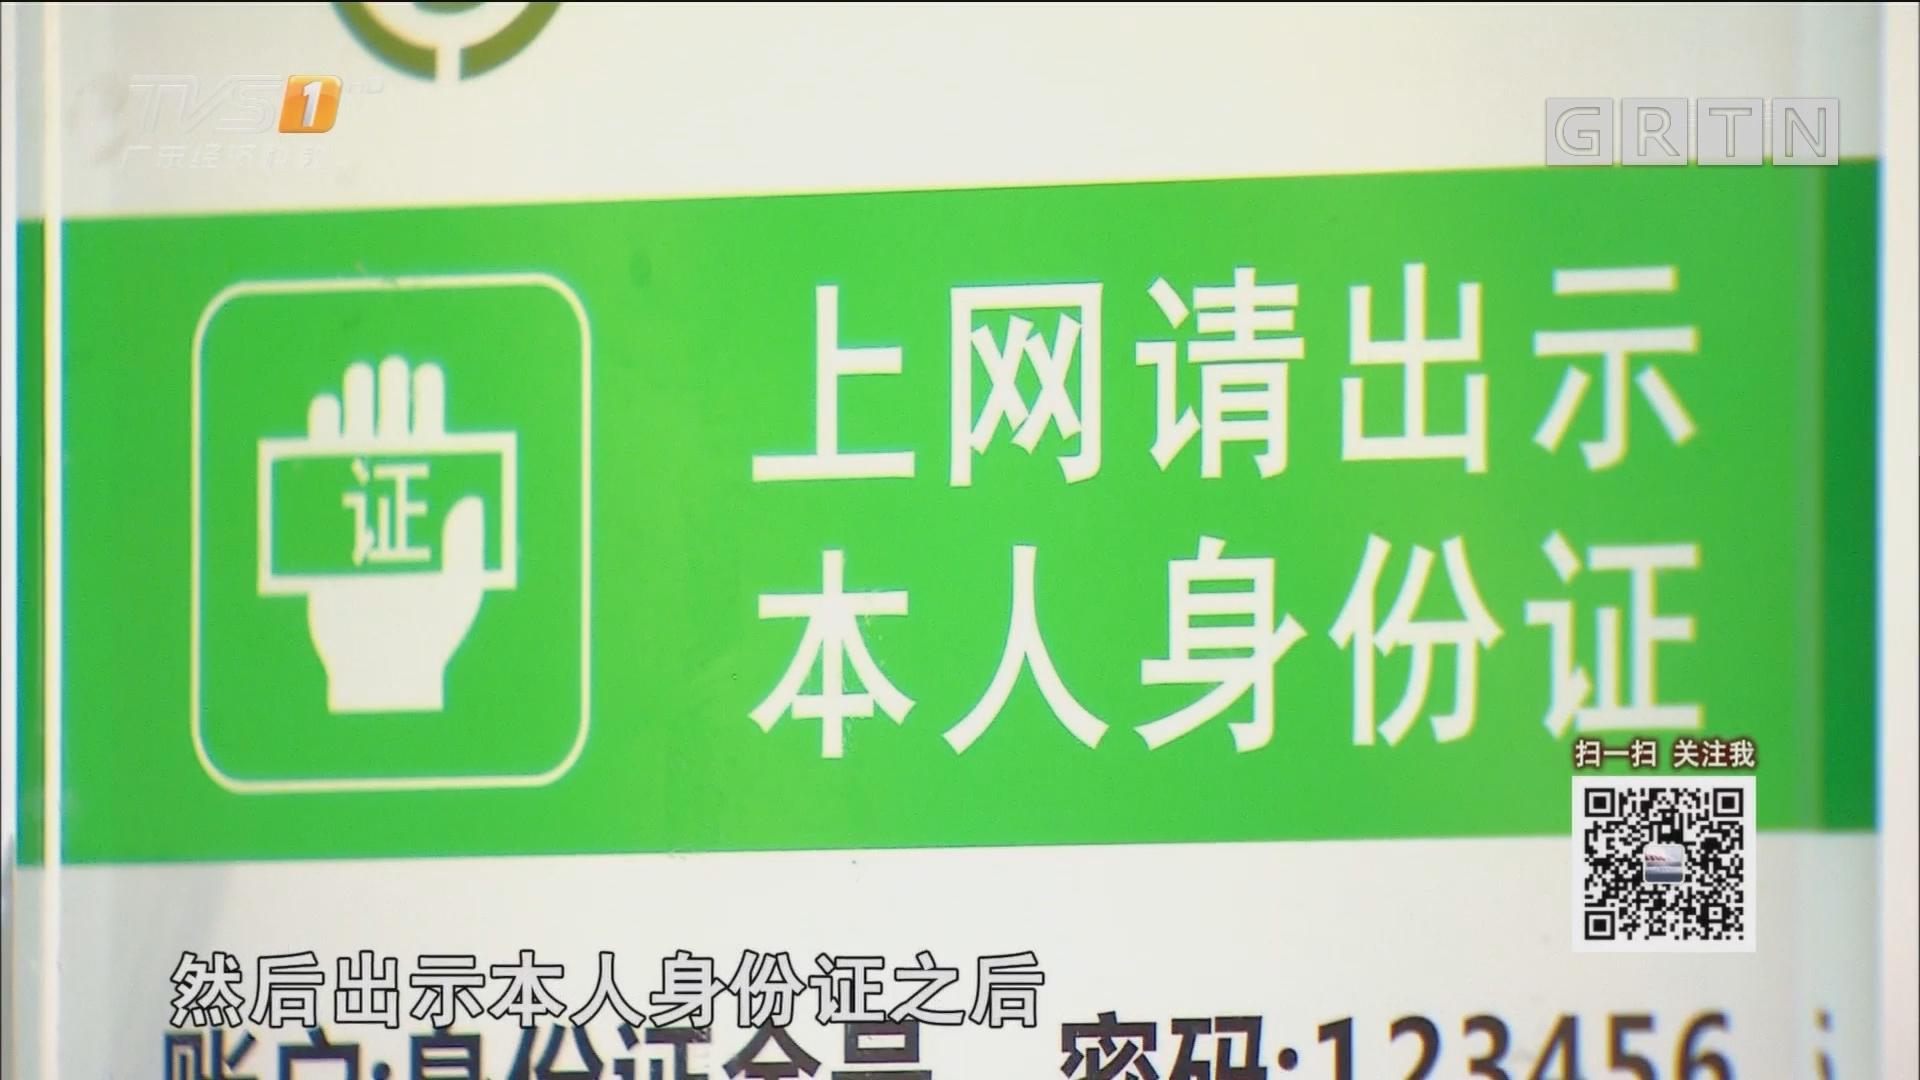 广东:网吧拟设人脸识别系统 杜绝未成年人沉迷网游